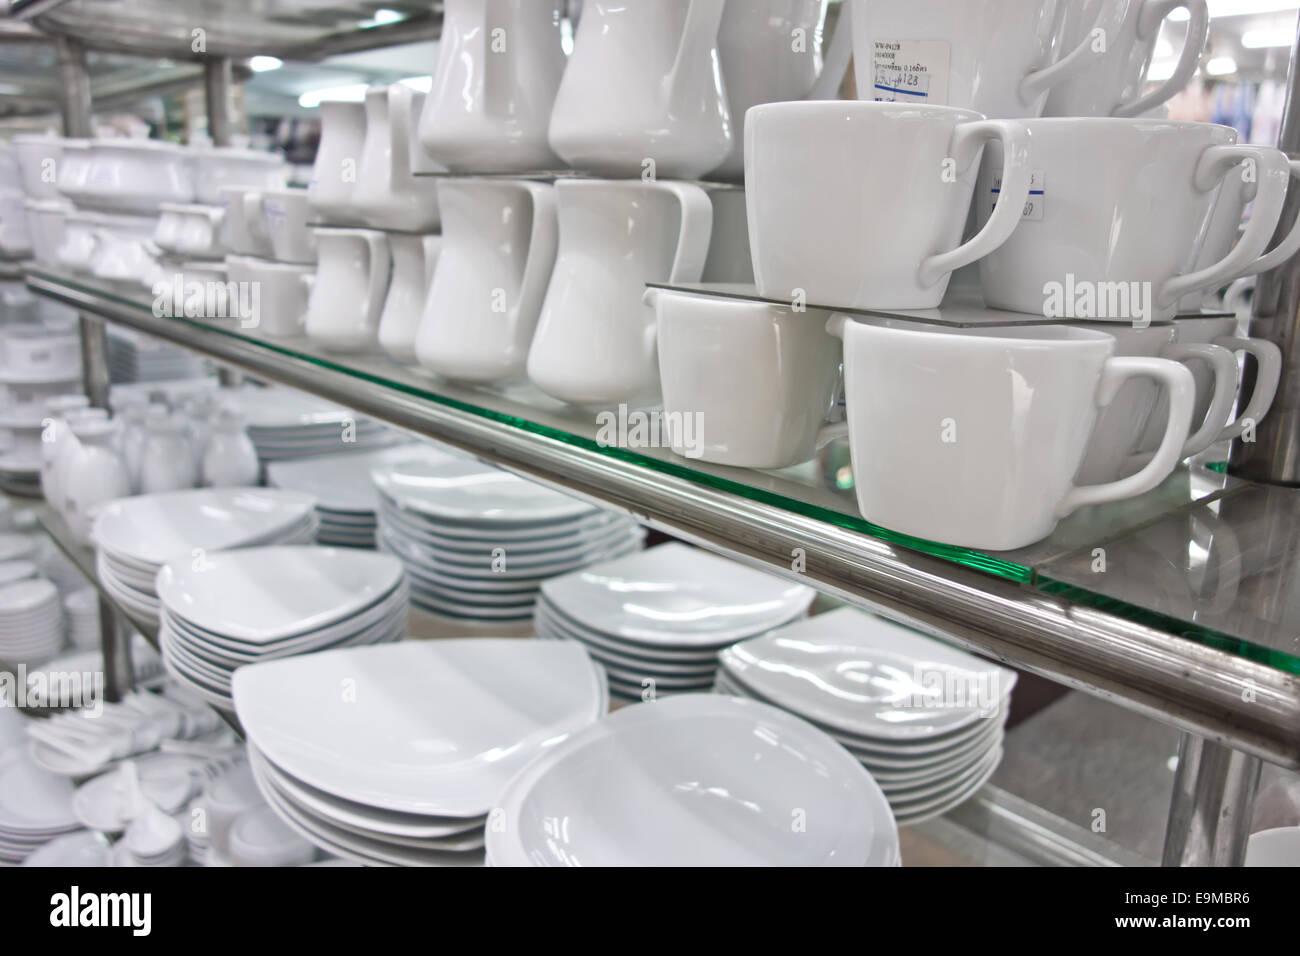 Küche Geschirr shop Stockbild